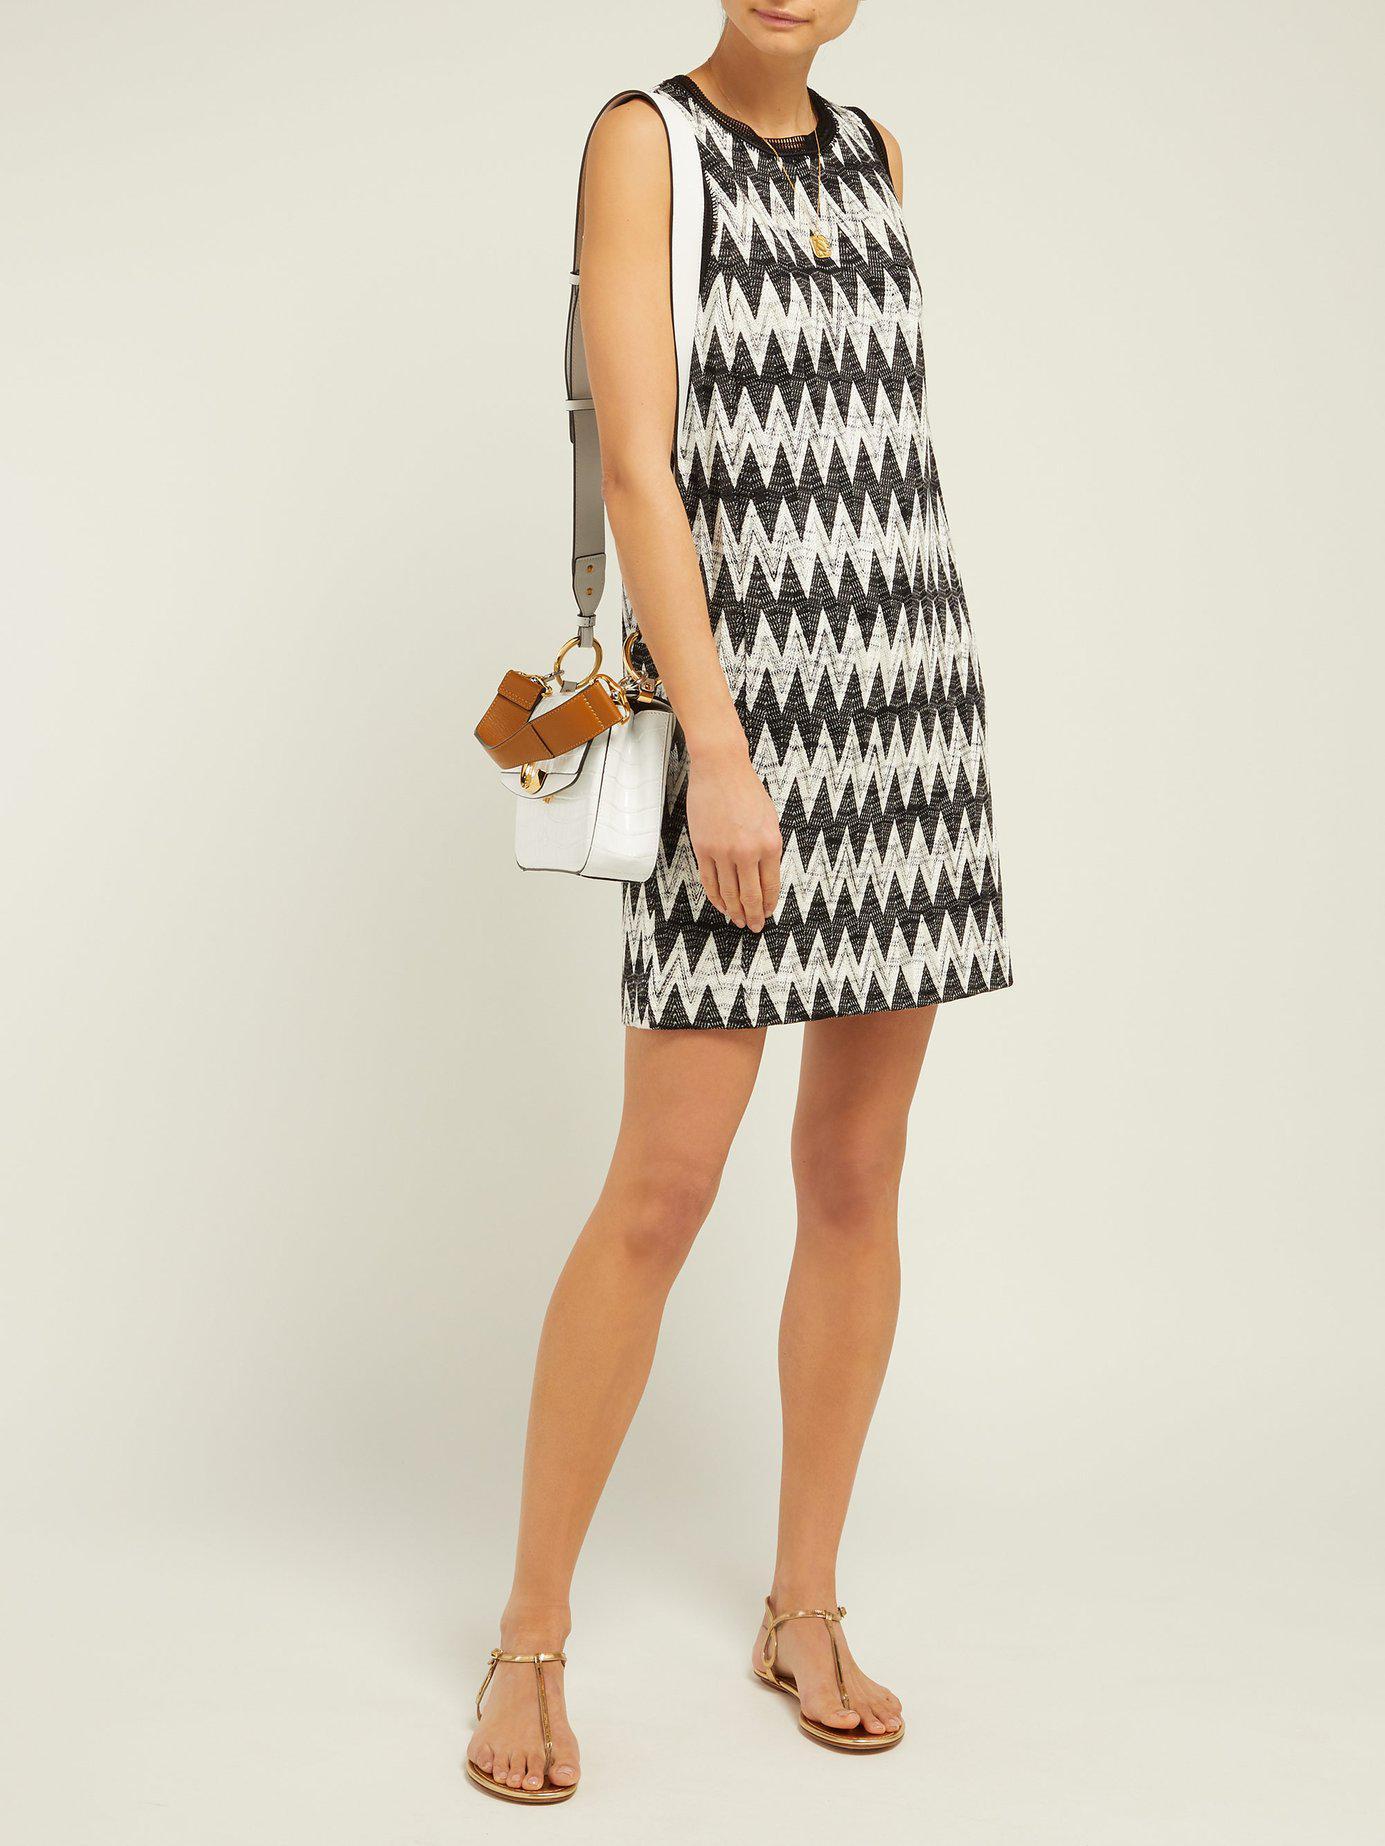 89a677f5f54 Missoni Zigzag Knit Mini Shift Dress in Black - Lyst